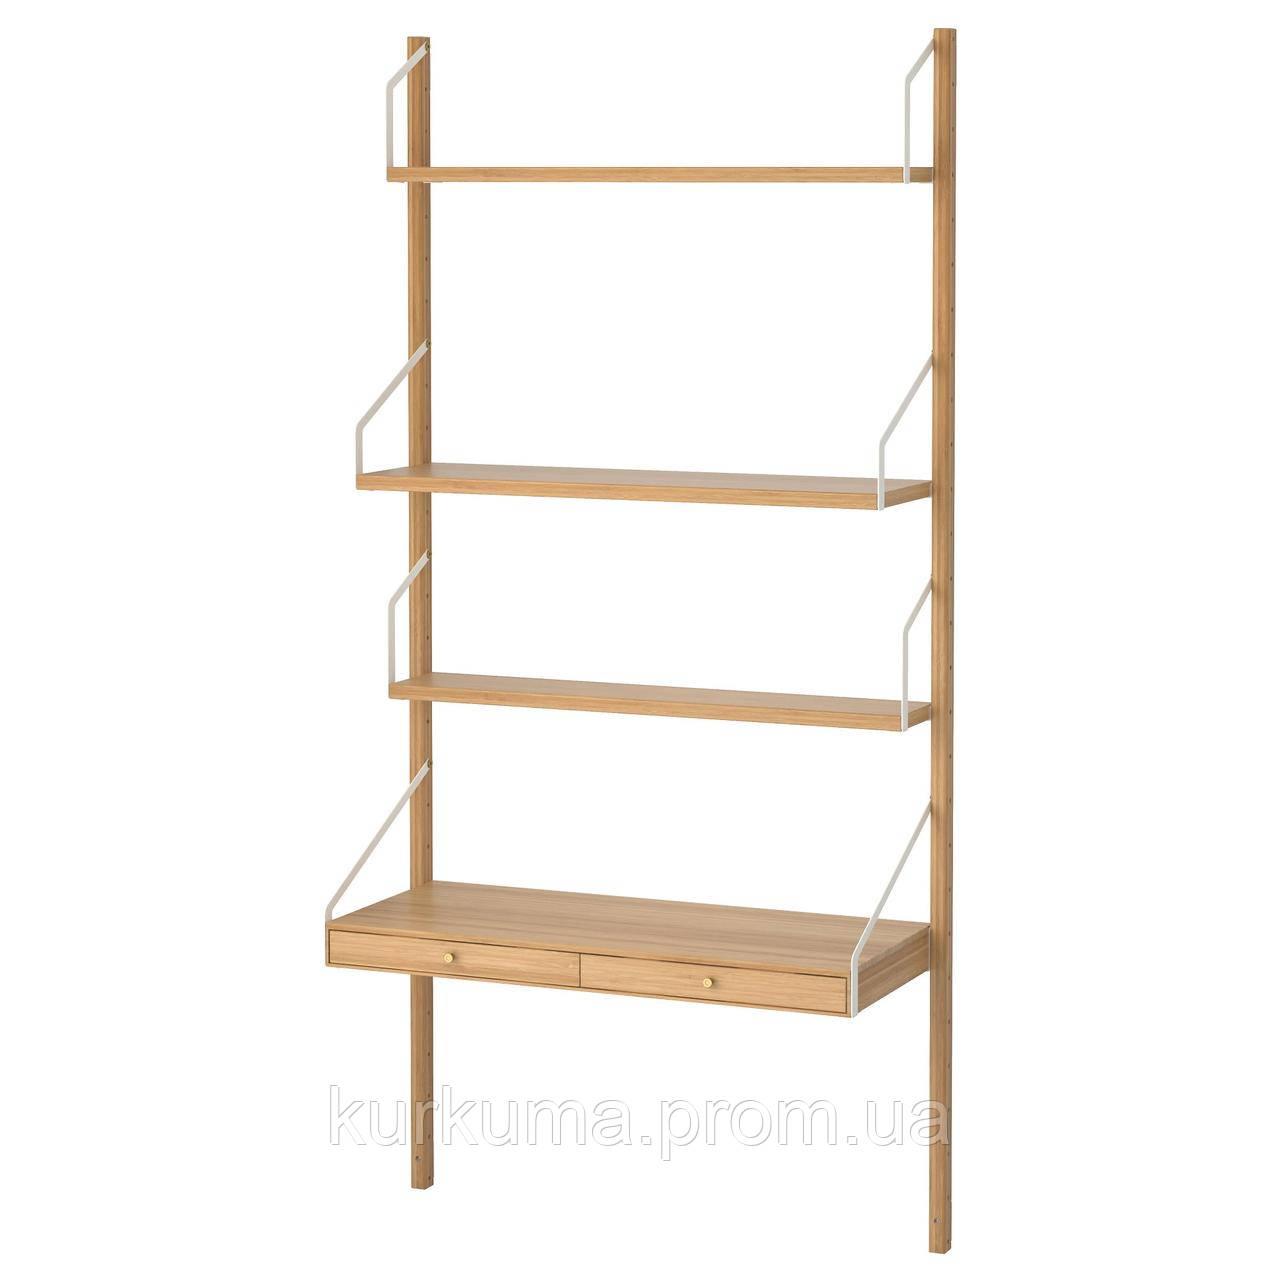 IKEA SVALNAS Пристенный стол, бамбук  (091.844.48)